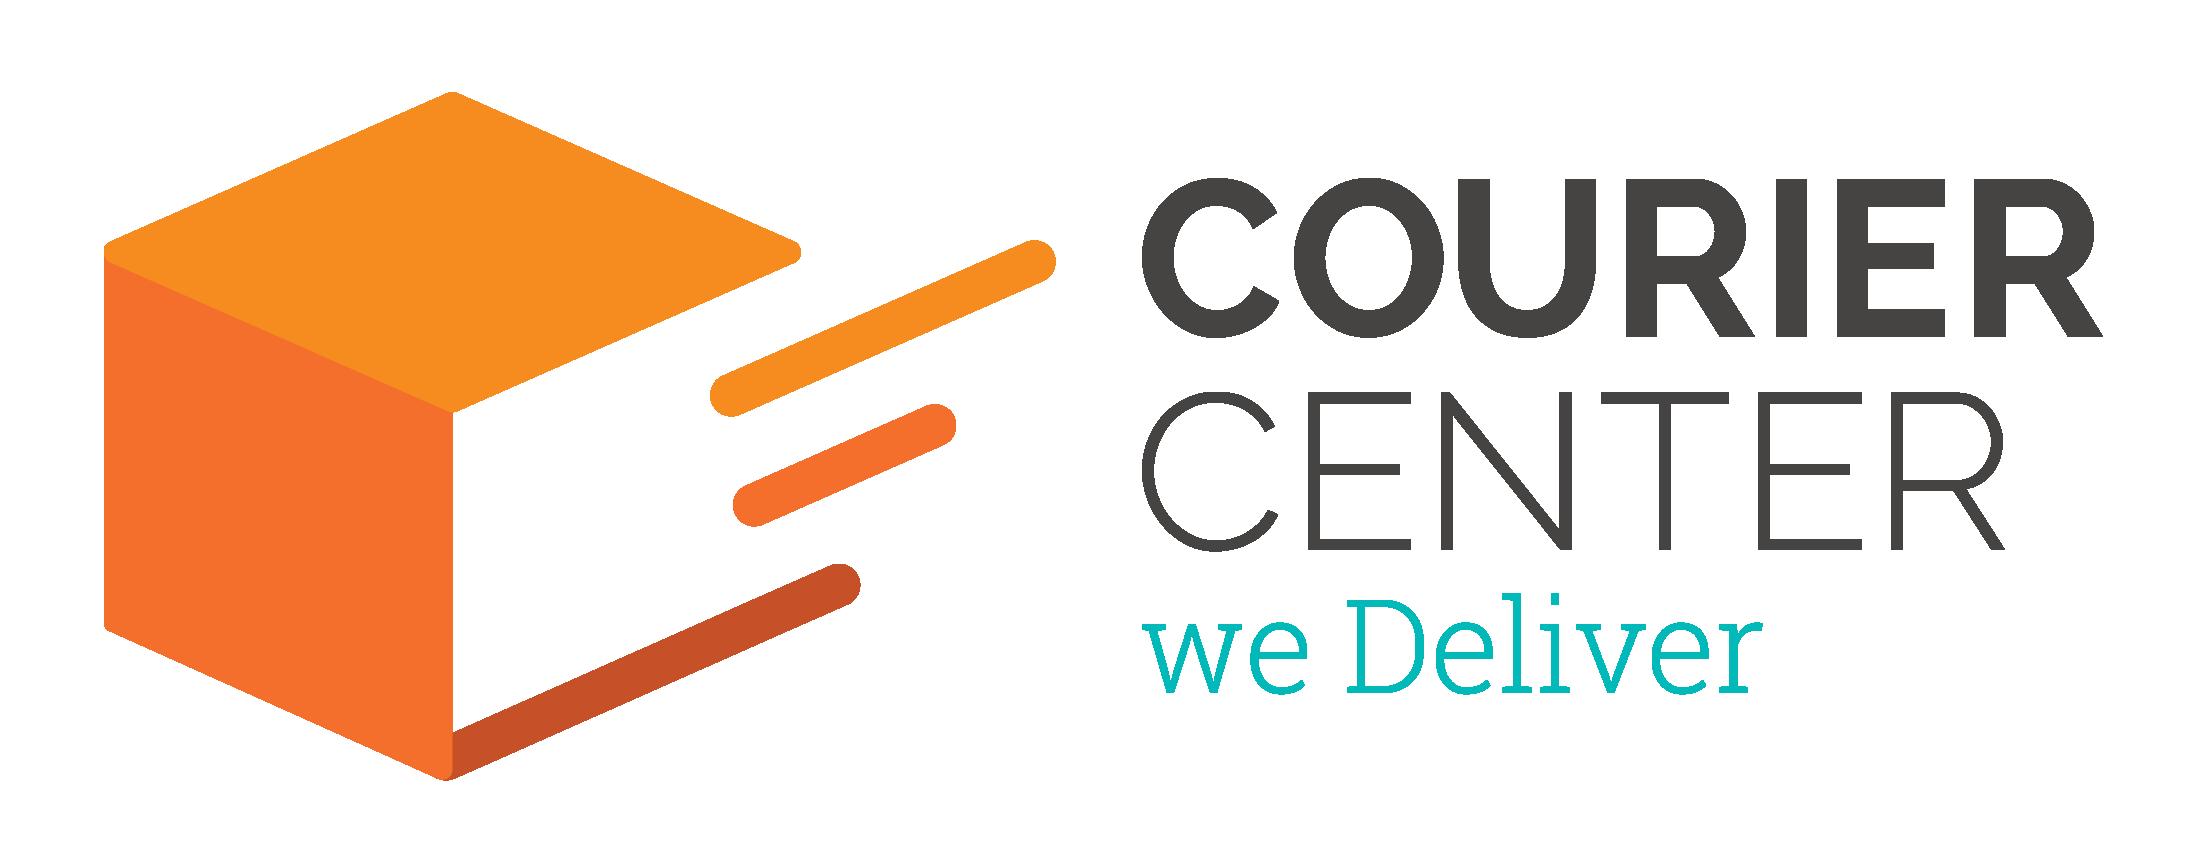 αναζήτηση αποστολής courier center